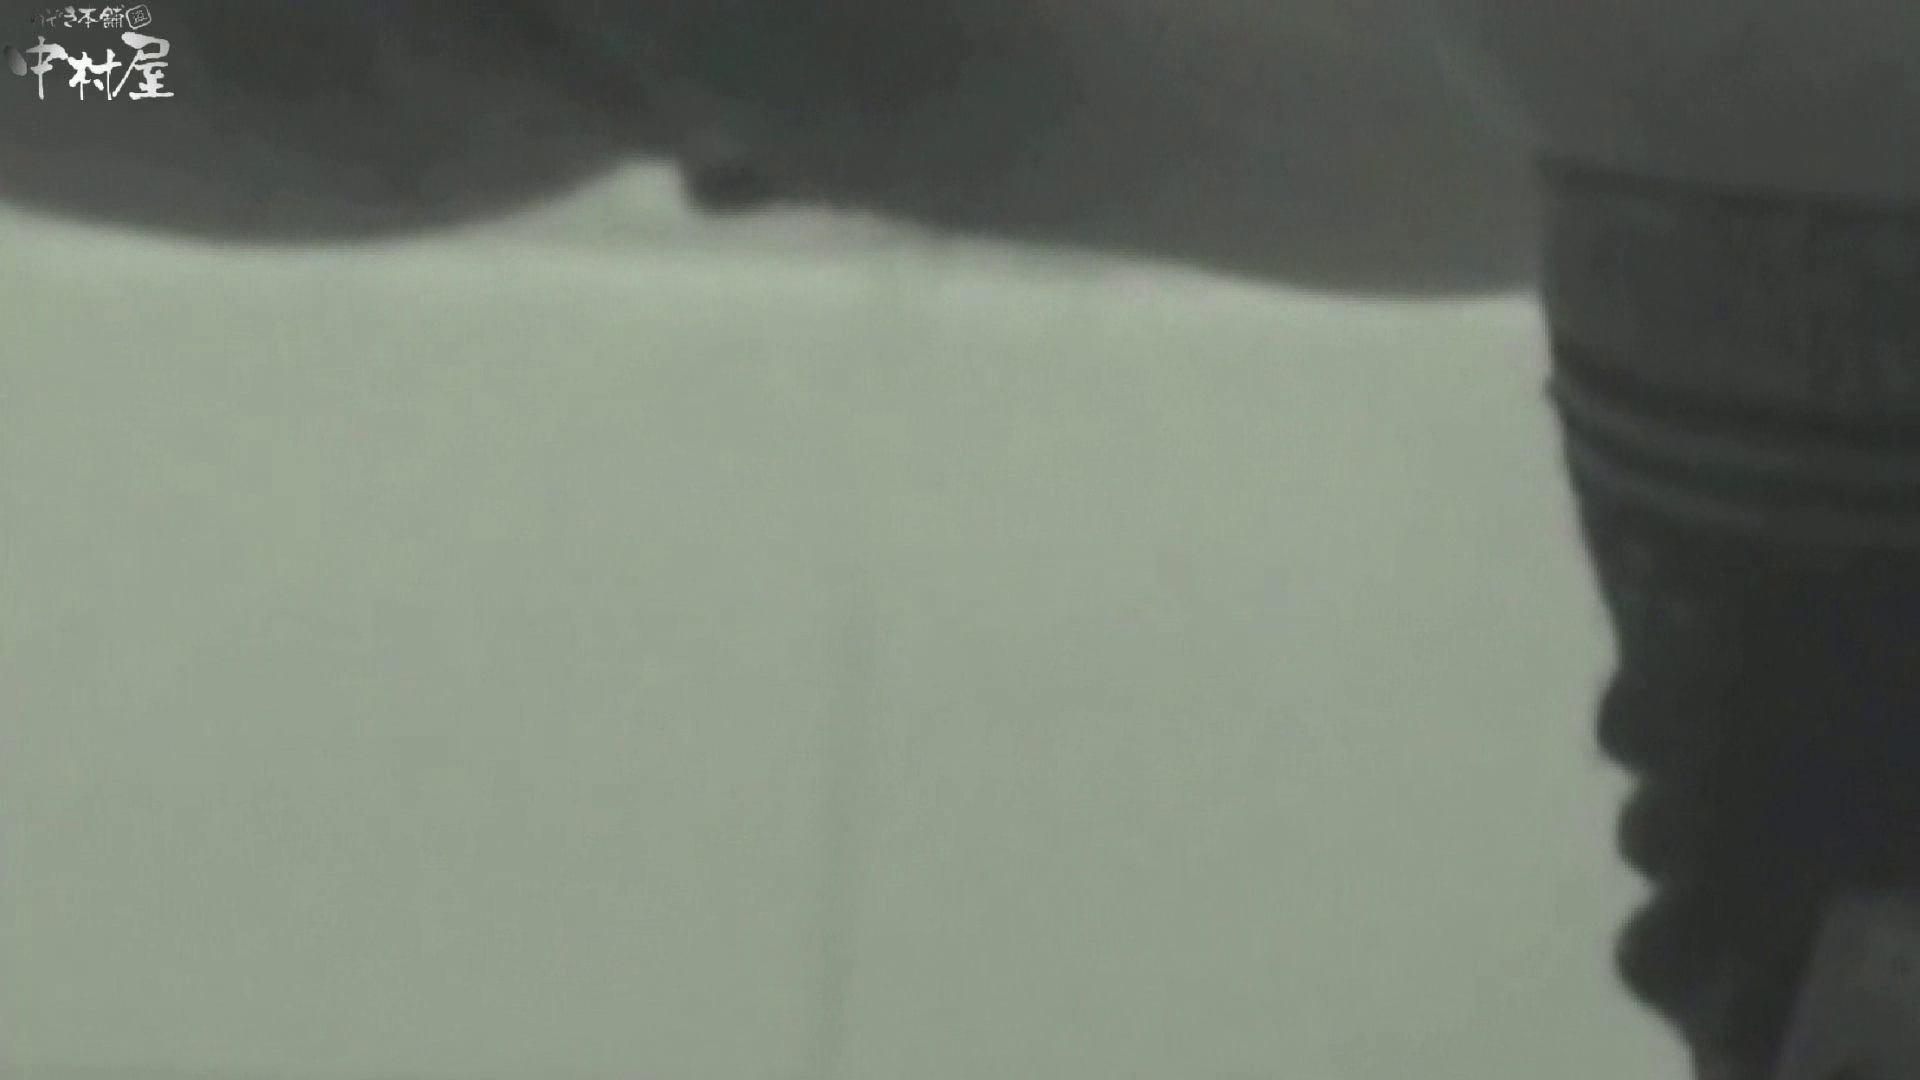 解禁!海の家4カメ洗面所vol.08 洗面所突入 戯れ無修正画像 107pic 90